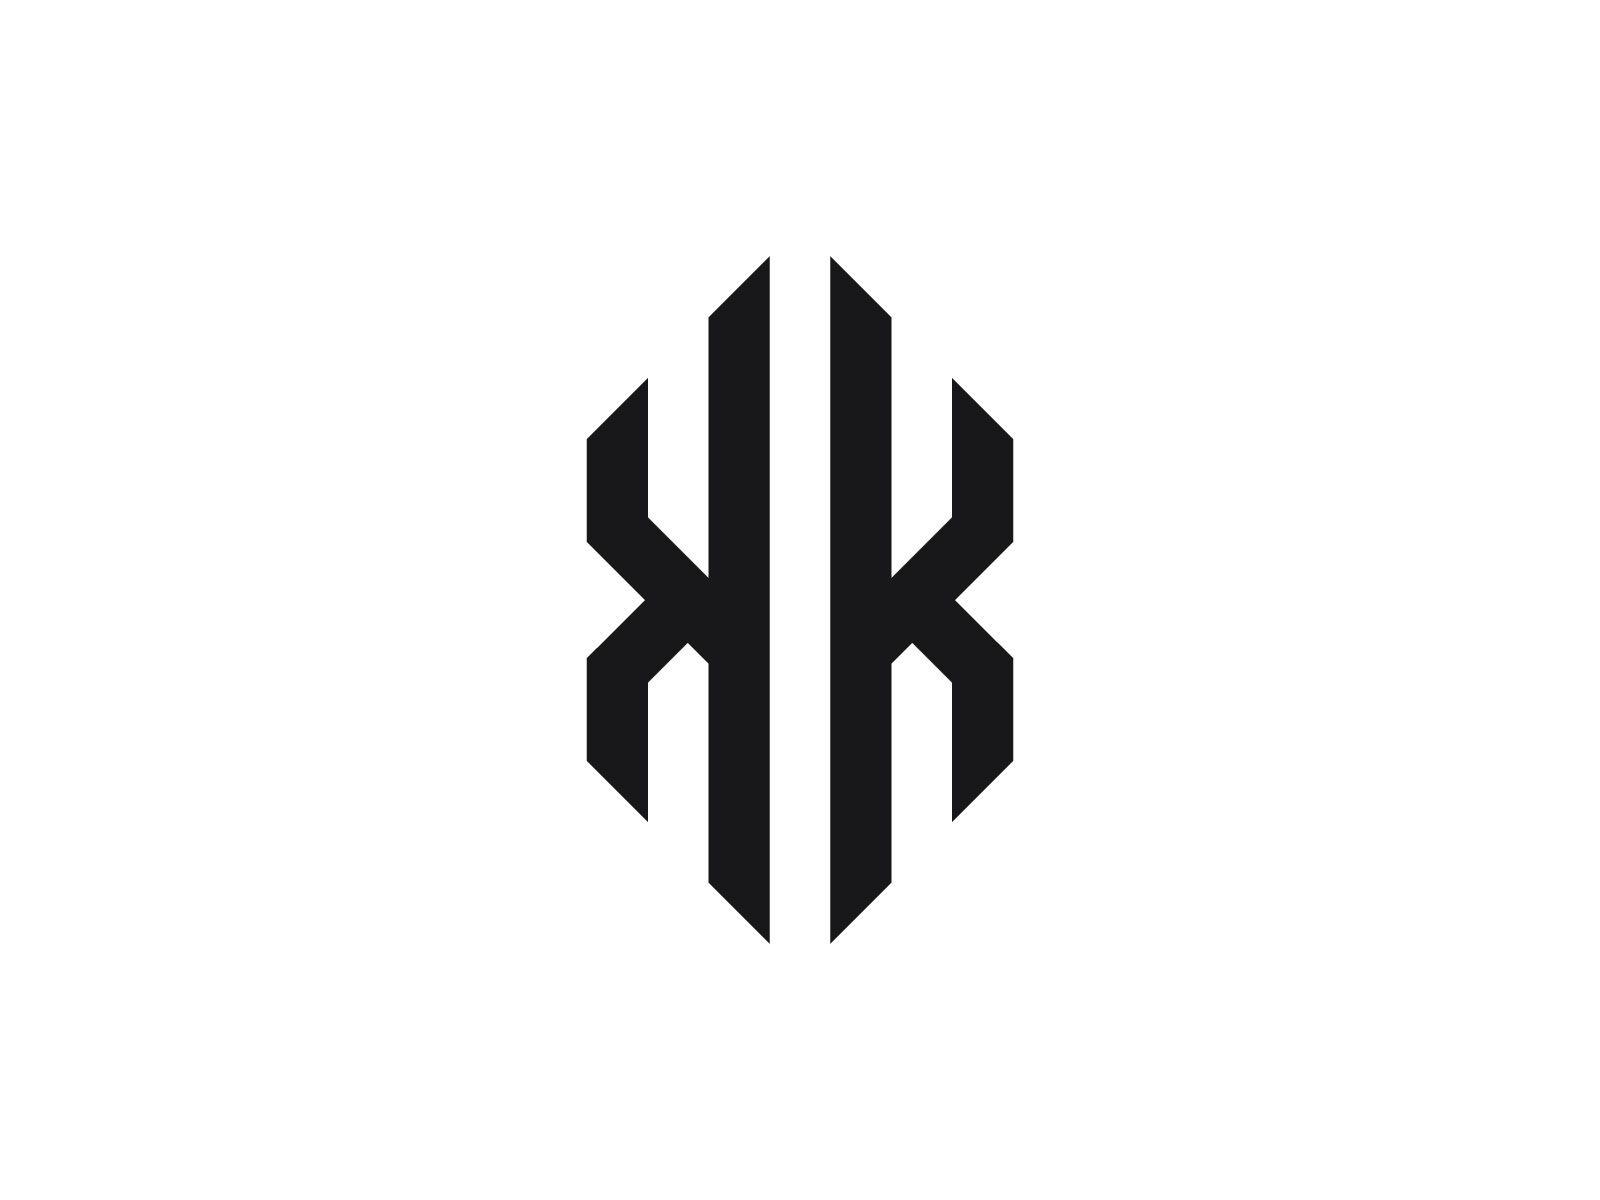 Kk Monogram Logo Antique Logo Design Monogram Logo Monogram Logo Design Letter k k logo design hd